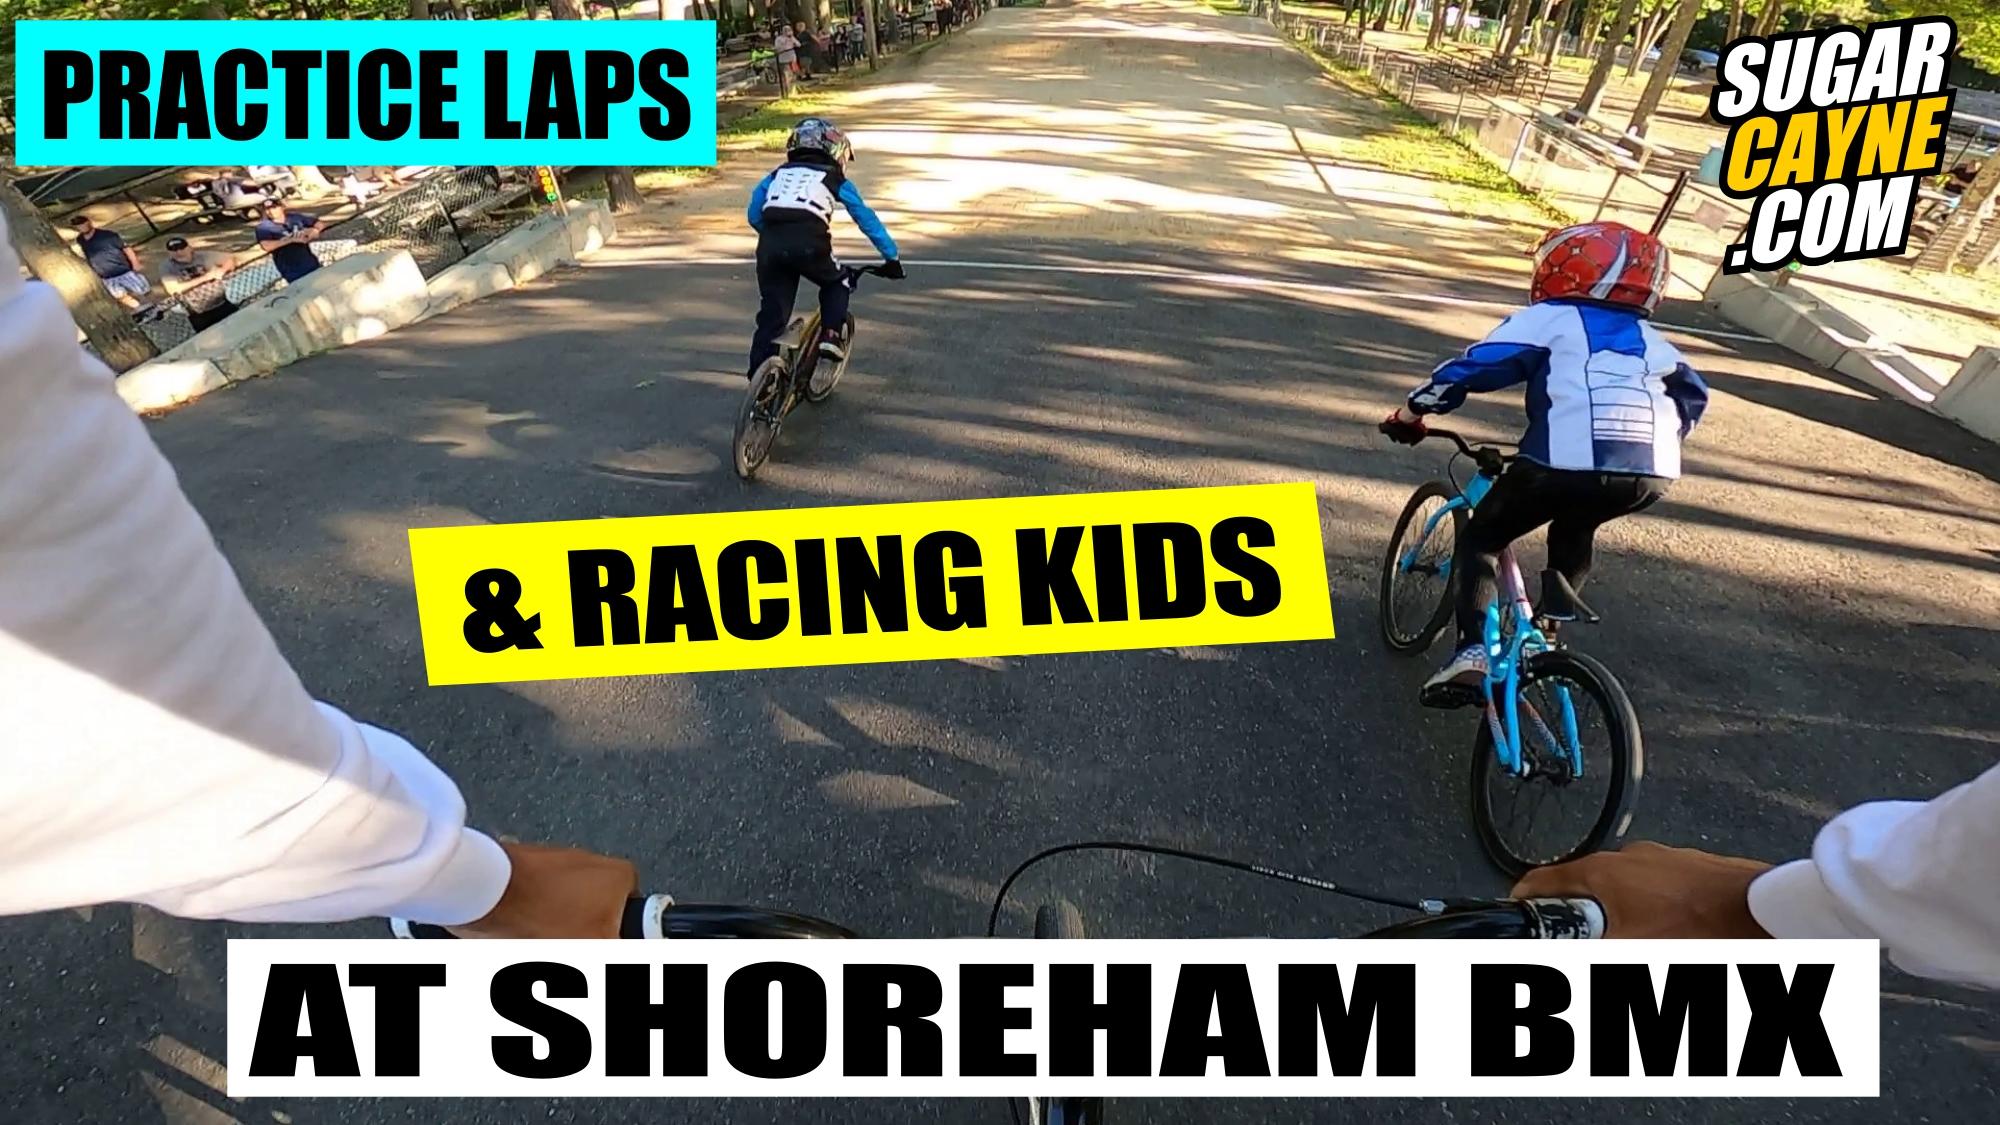 shoreham bmx practice laps